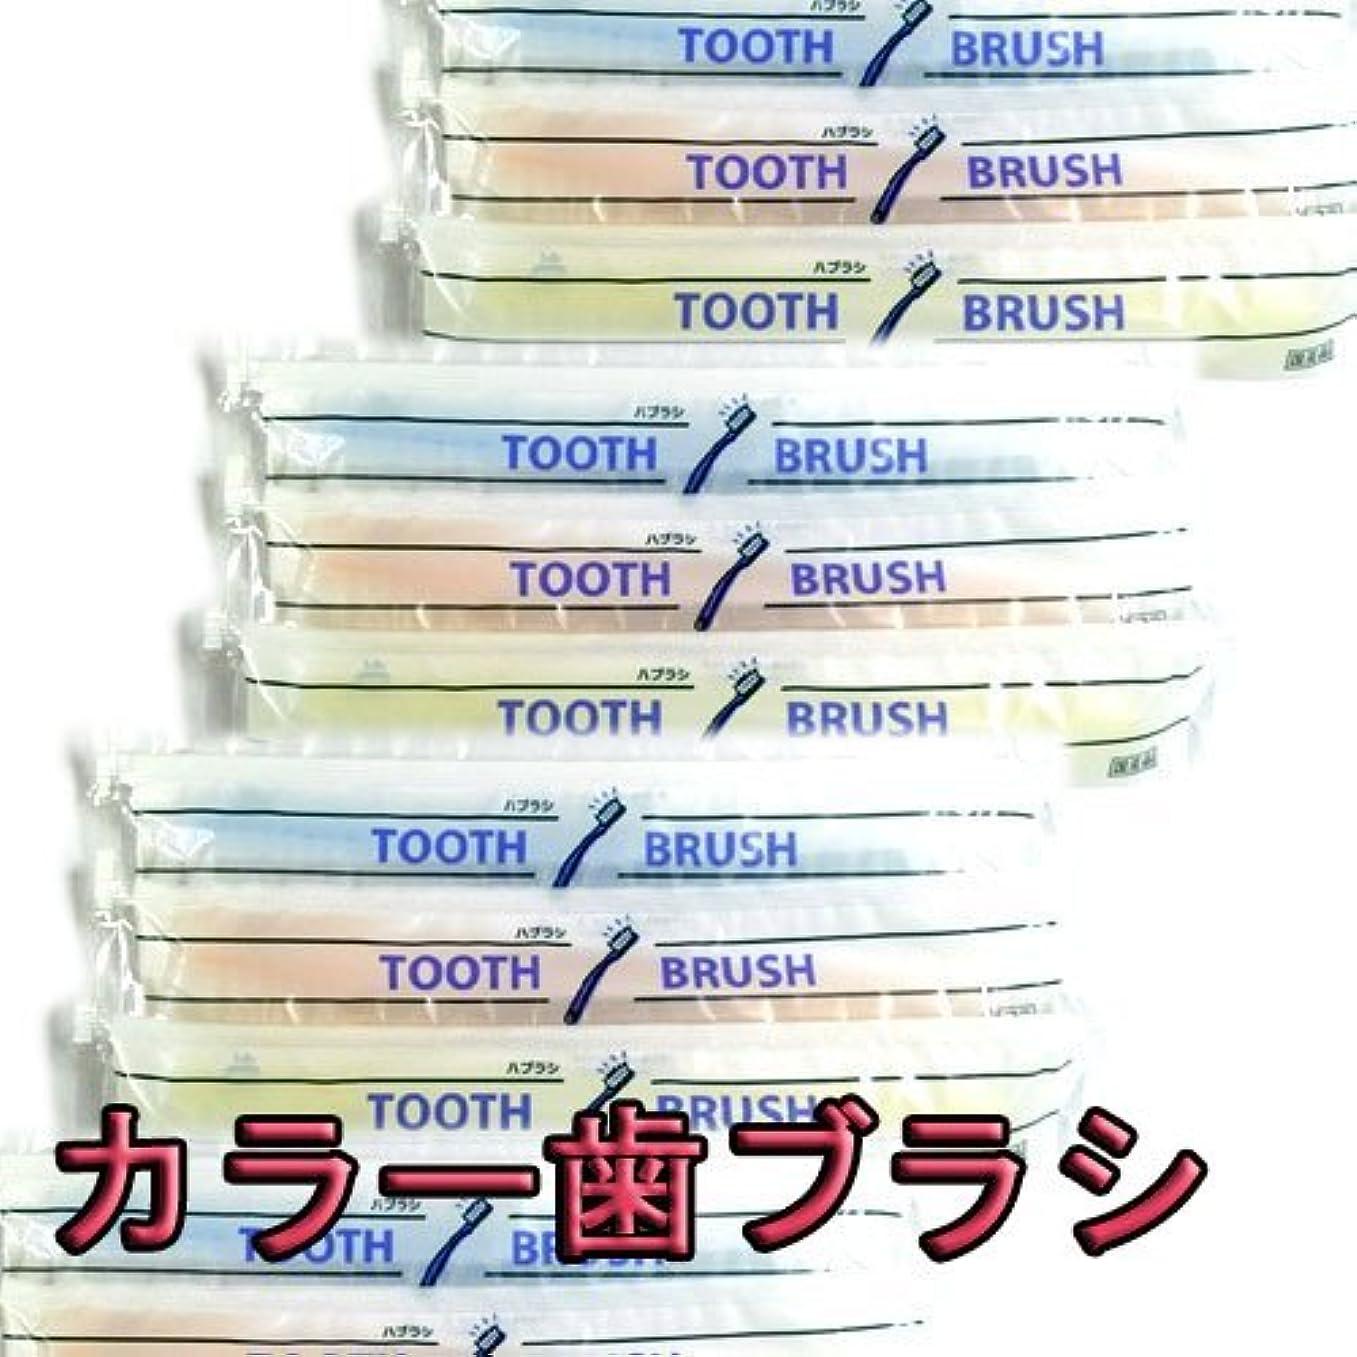 コントラスト熟す学部長使い捨て(インスタント) 粉付き歯ブラシ(10本組)(旅行用?お客様用に) 増量中 日本製